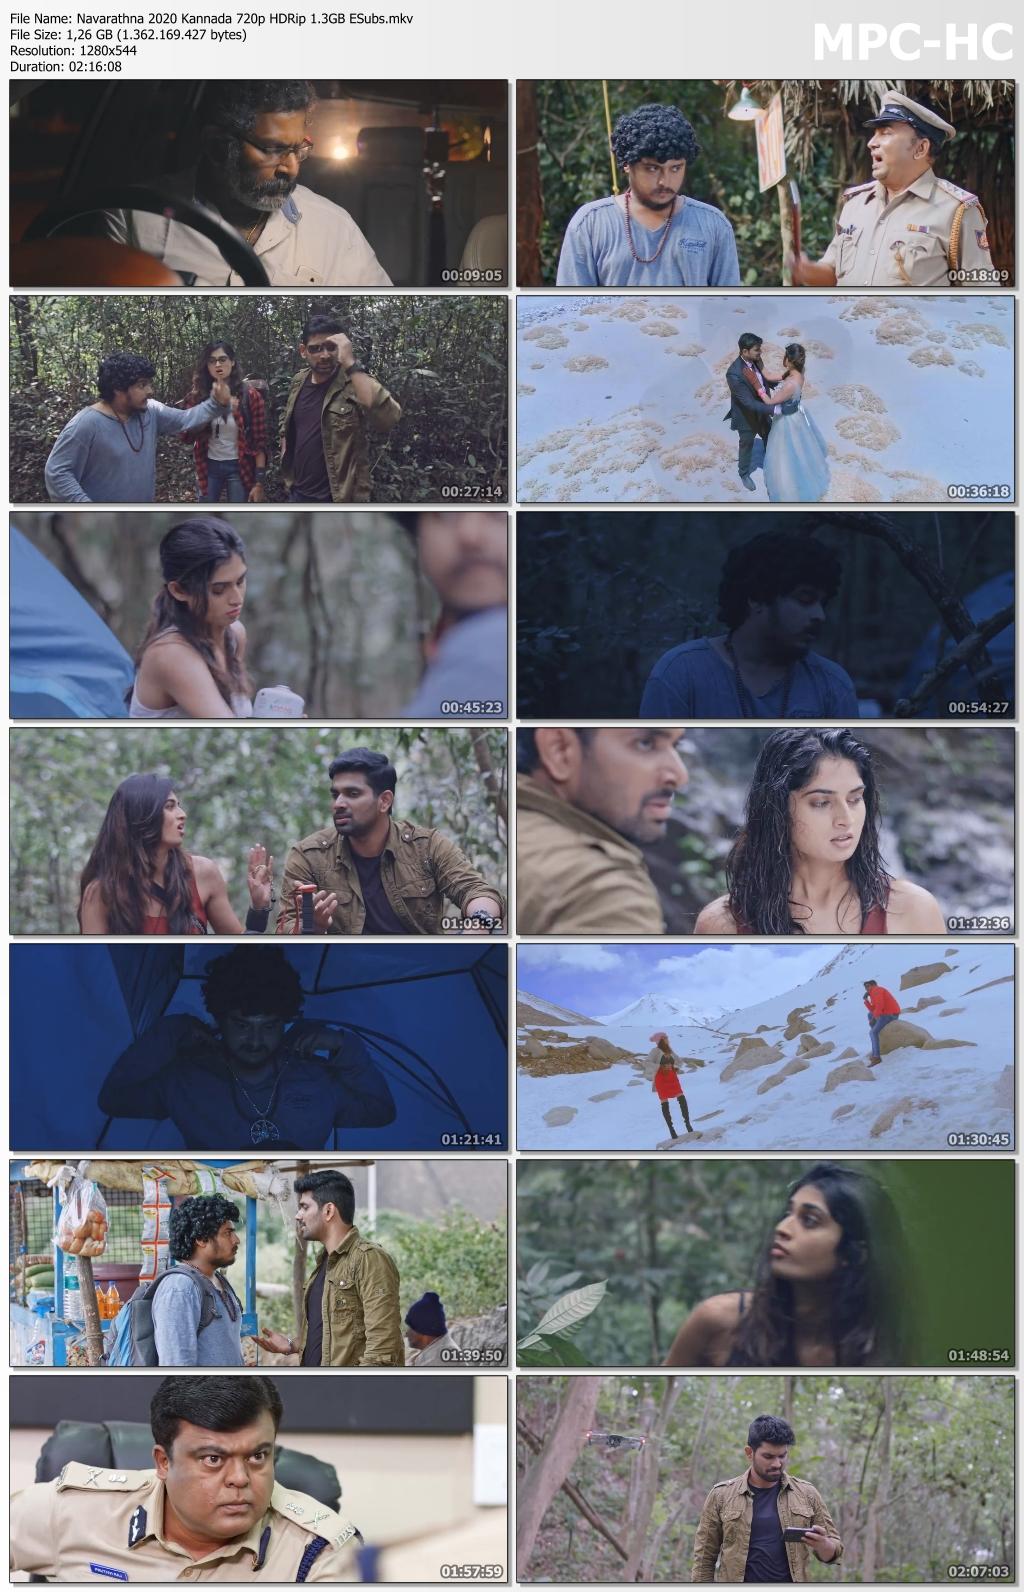 Navarathna-2020-Kannada-720p-HDRip-1-3-GB-ESubs-mkv-thumbs